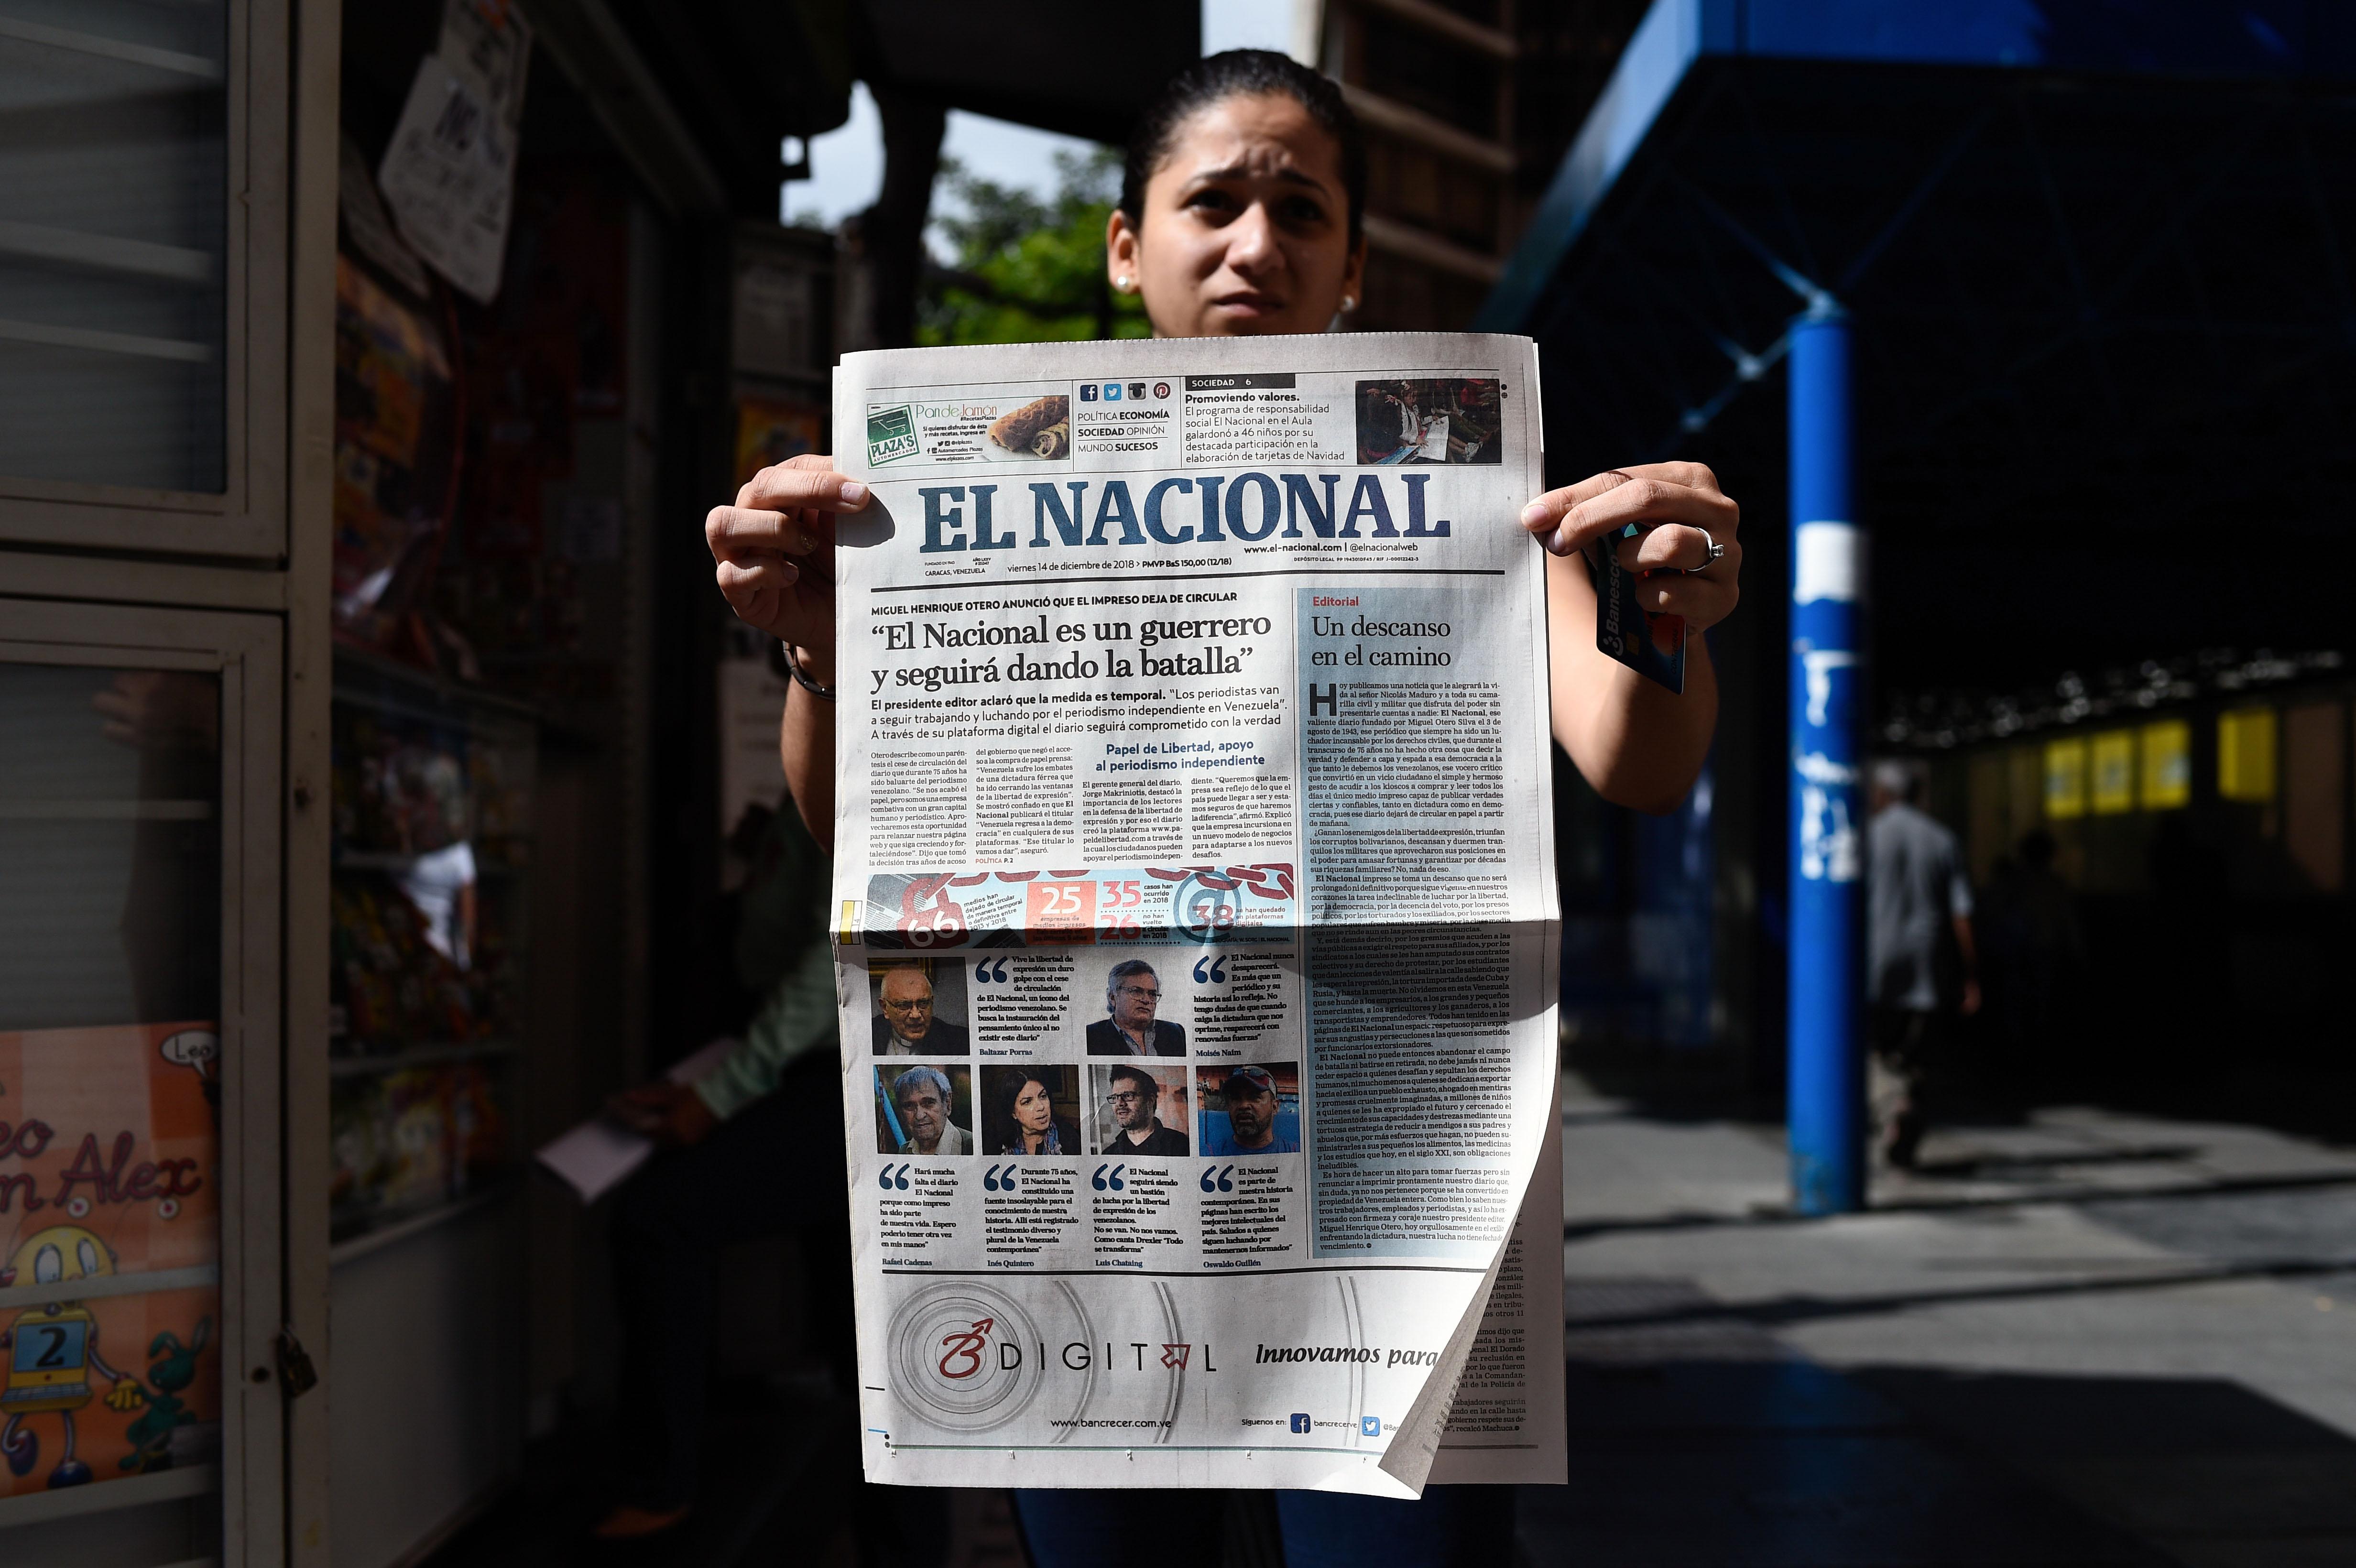 Dejará de imprimirse El Nacional tras 75 años de circulación